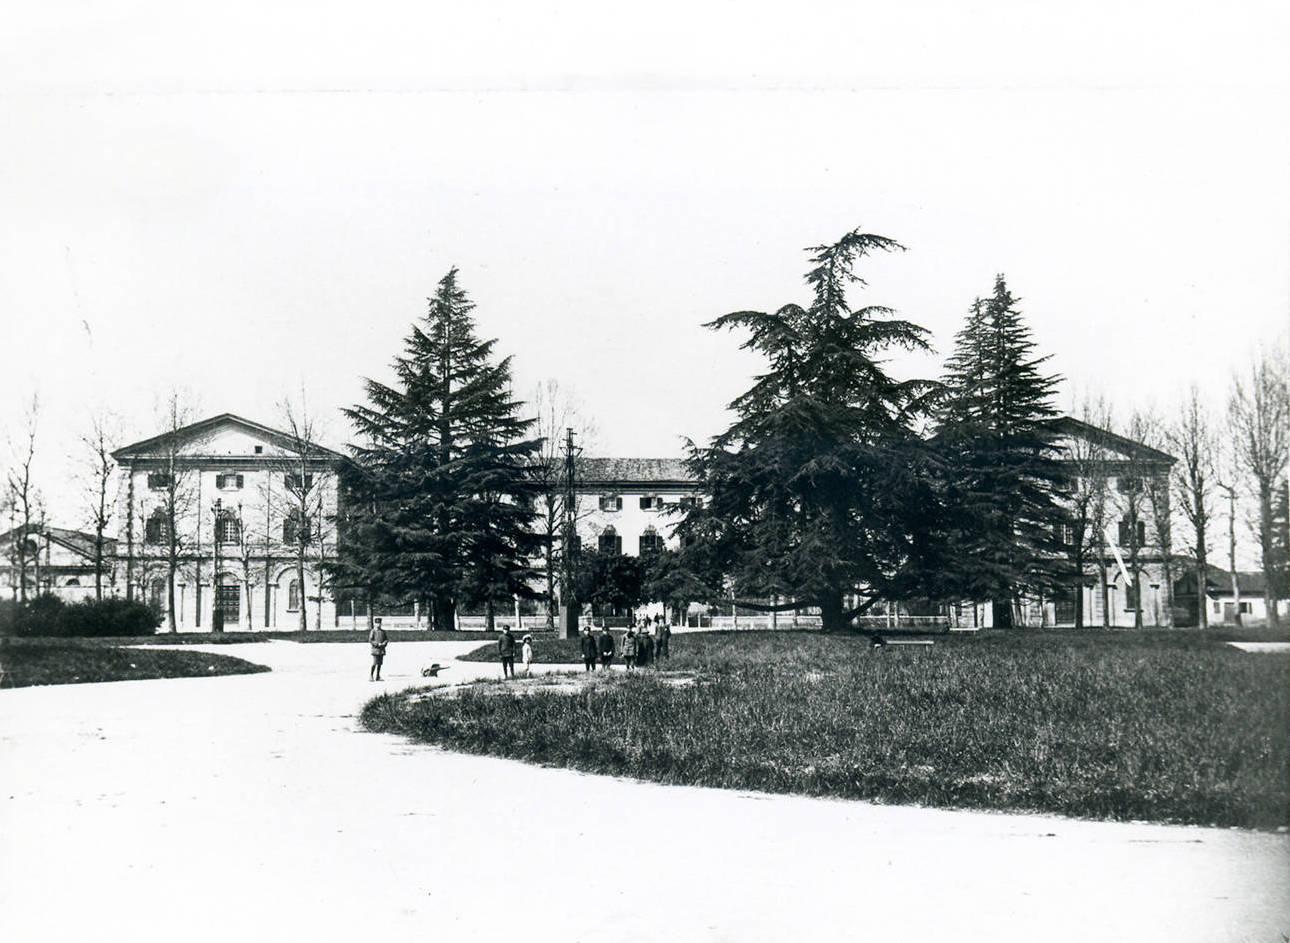 Caserma Zucchi Reggio Emilia - Ex foro Boario